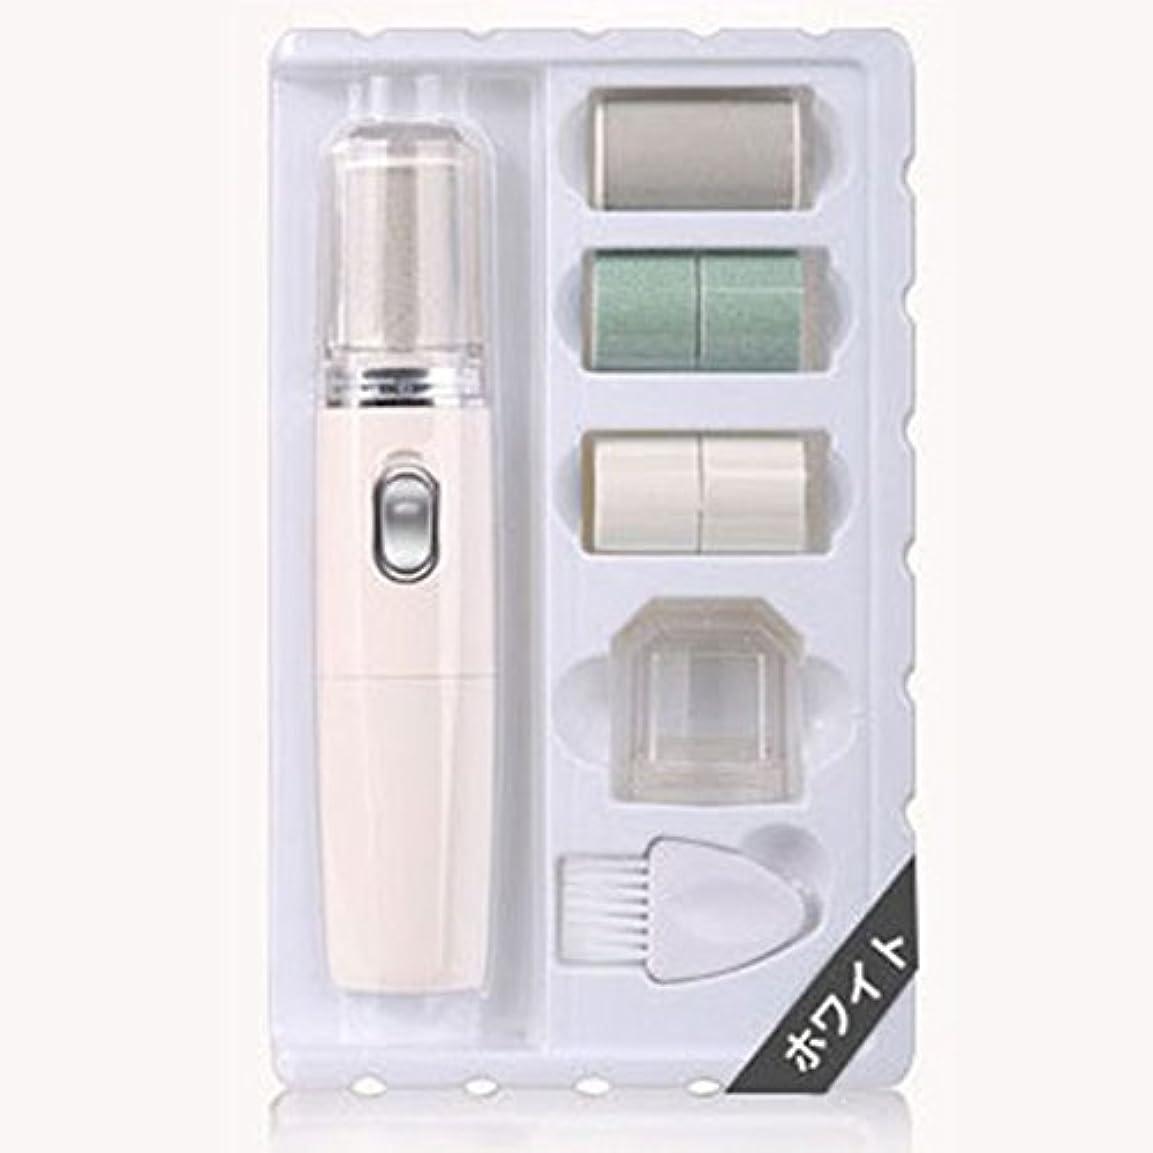 忠実に香港ビクターネイルポリッシャー 乾電池式 電動 爪みがき ネイルケア 爪磨き